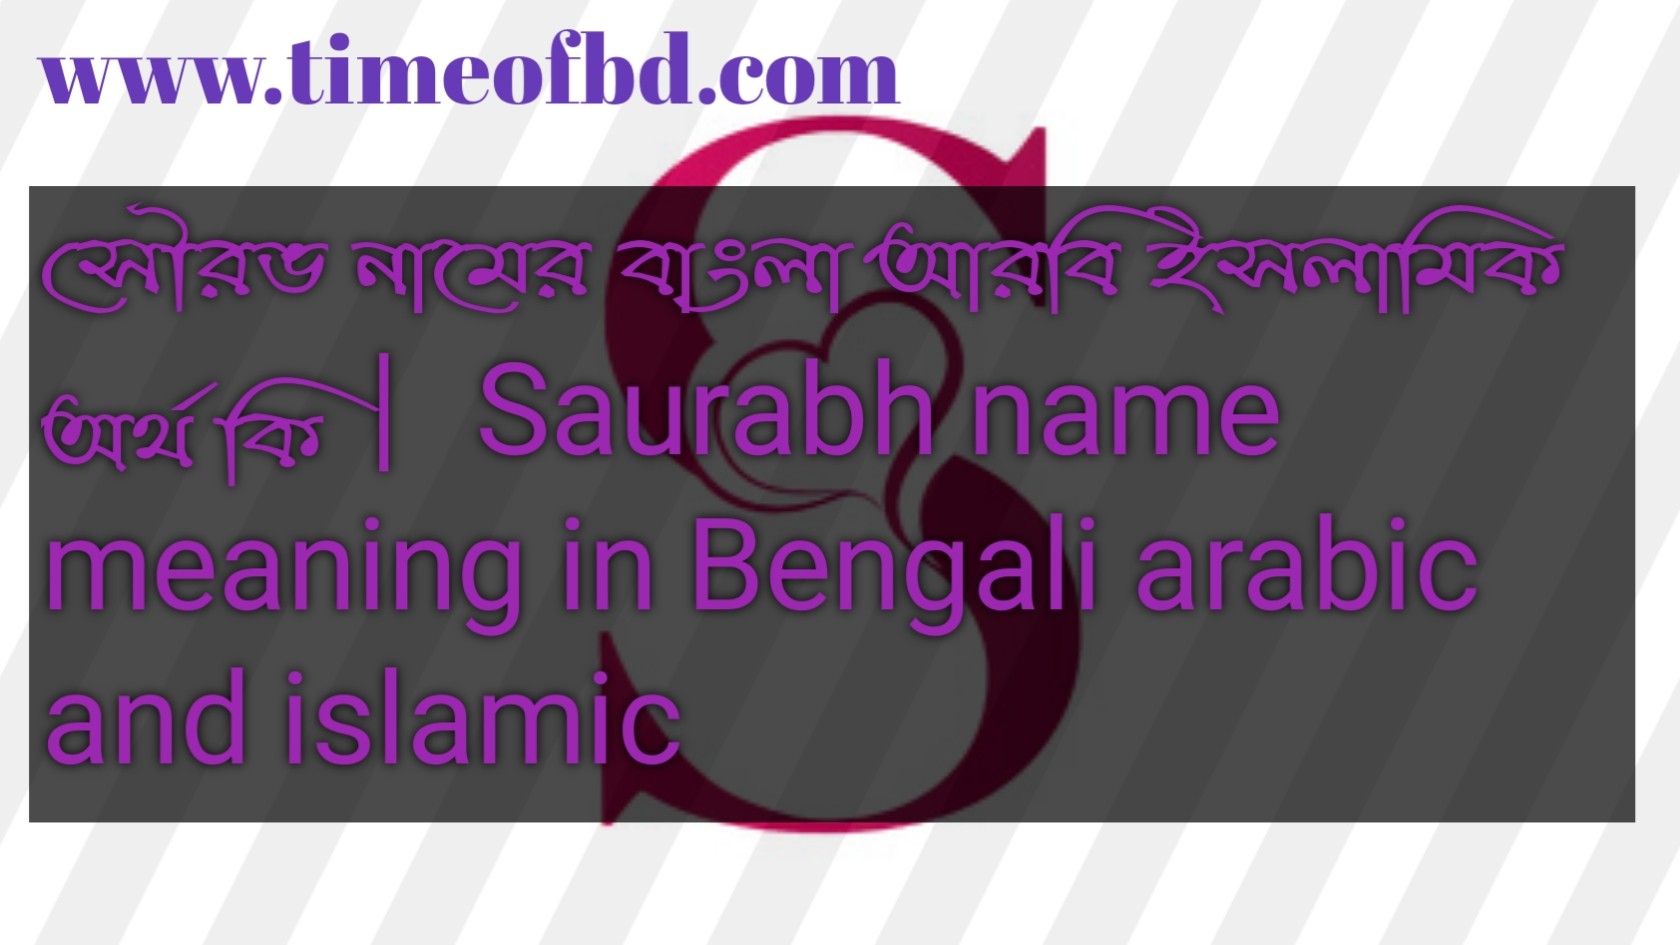 সৌরভ নামের অর্থ কি, সৌরভ নামের বাংলা অর্থ কি, সৌরভ নামের ইসলামিক অর্থ কি, Saurabh name in Bengali, সৌরভ কি ইসলামিক নাম,